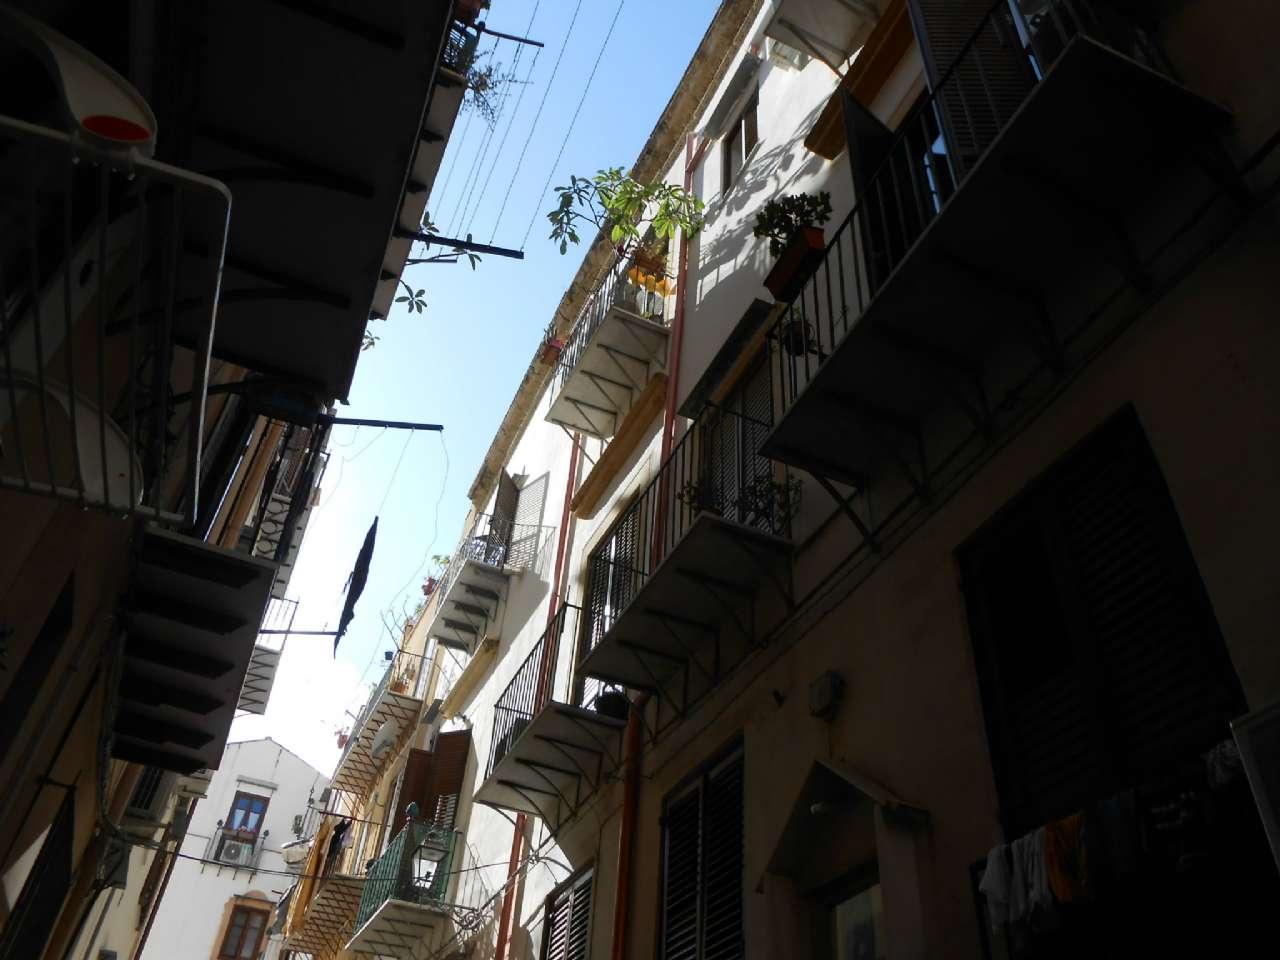 Trilocale, Vicolo del Capraio, centro storico, Palermo, foto 16